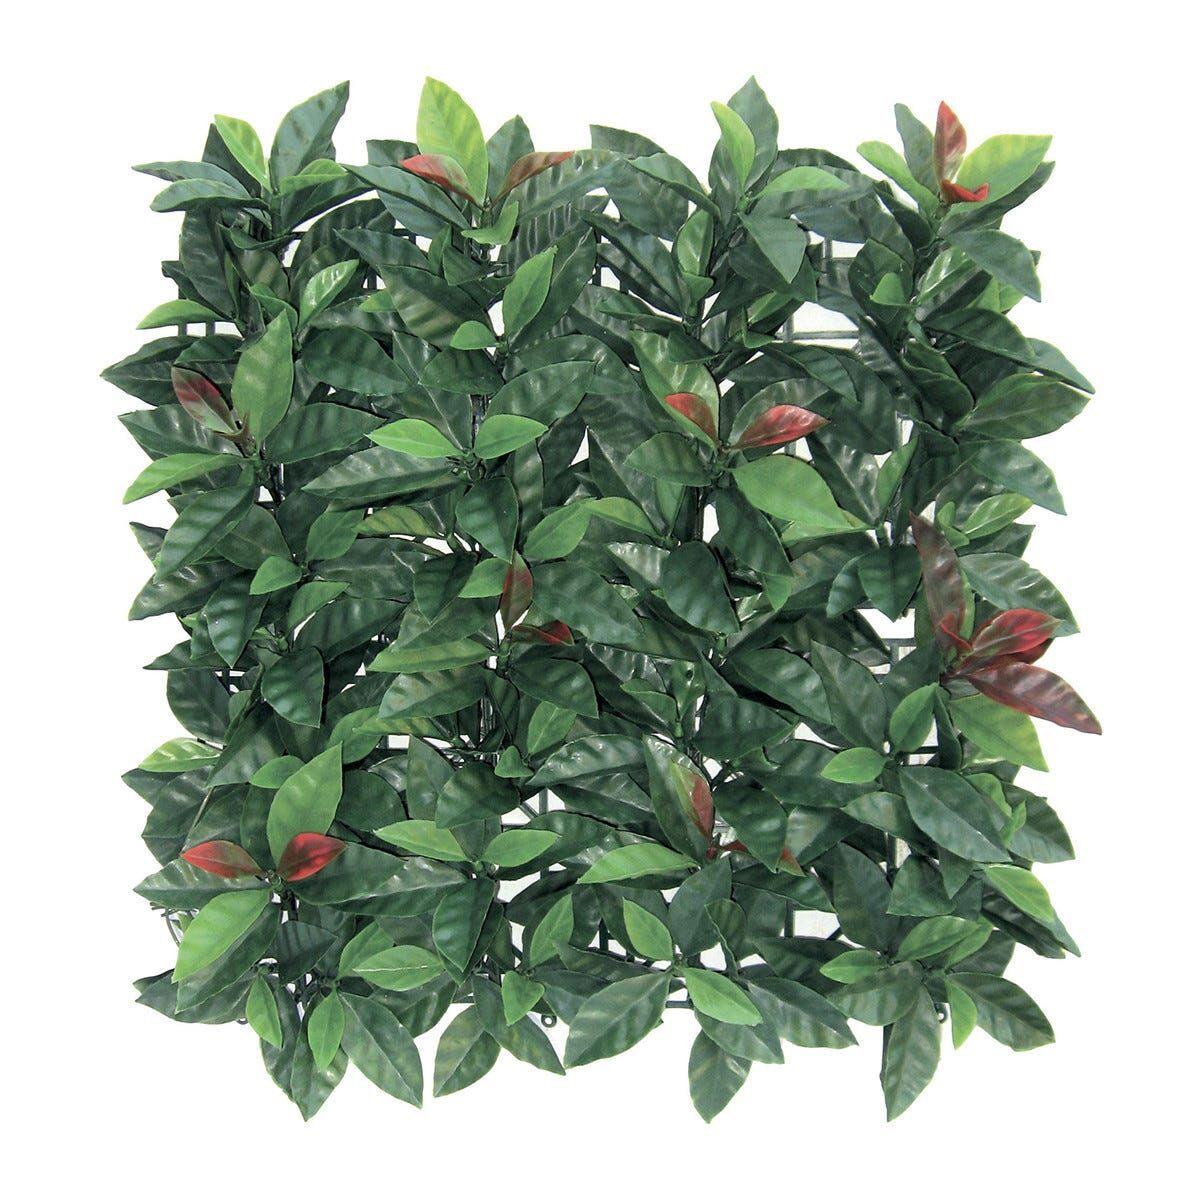 Foglia Sempreverde Redplast 1x1 M